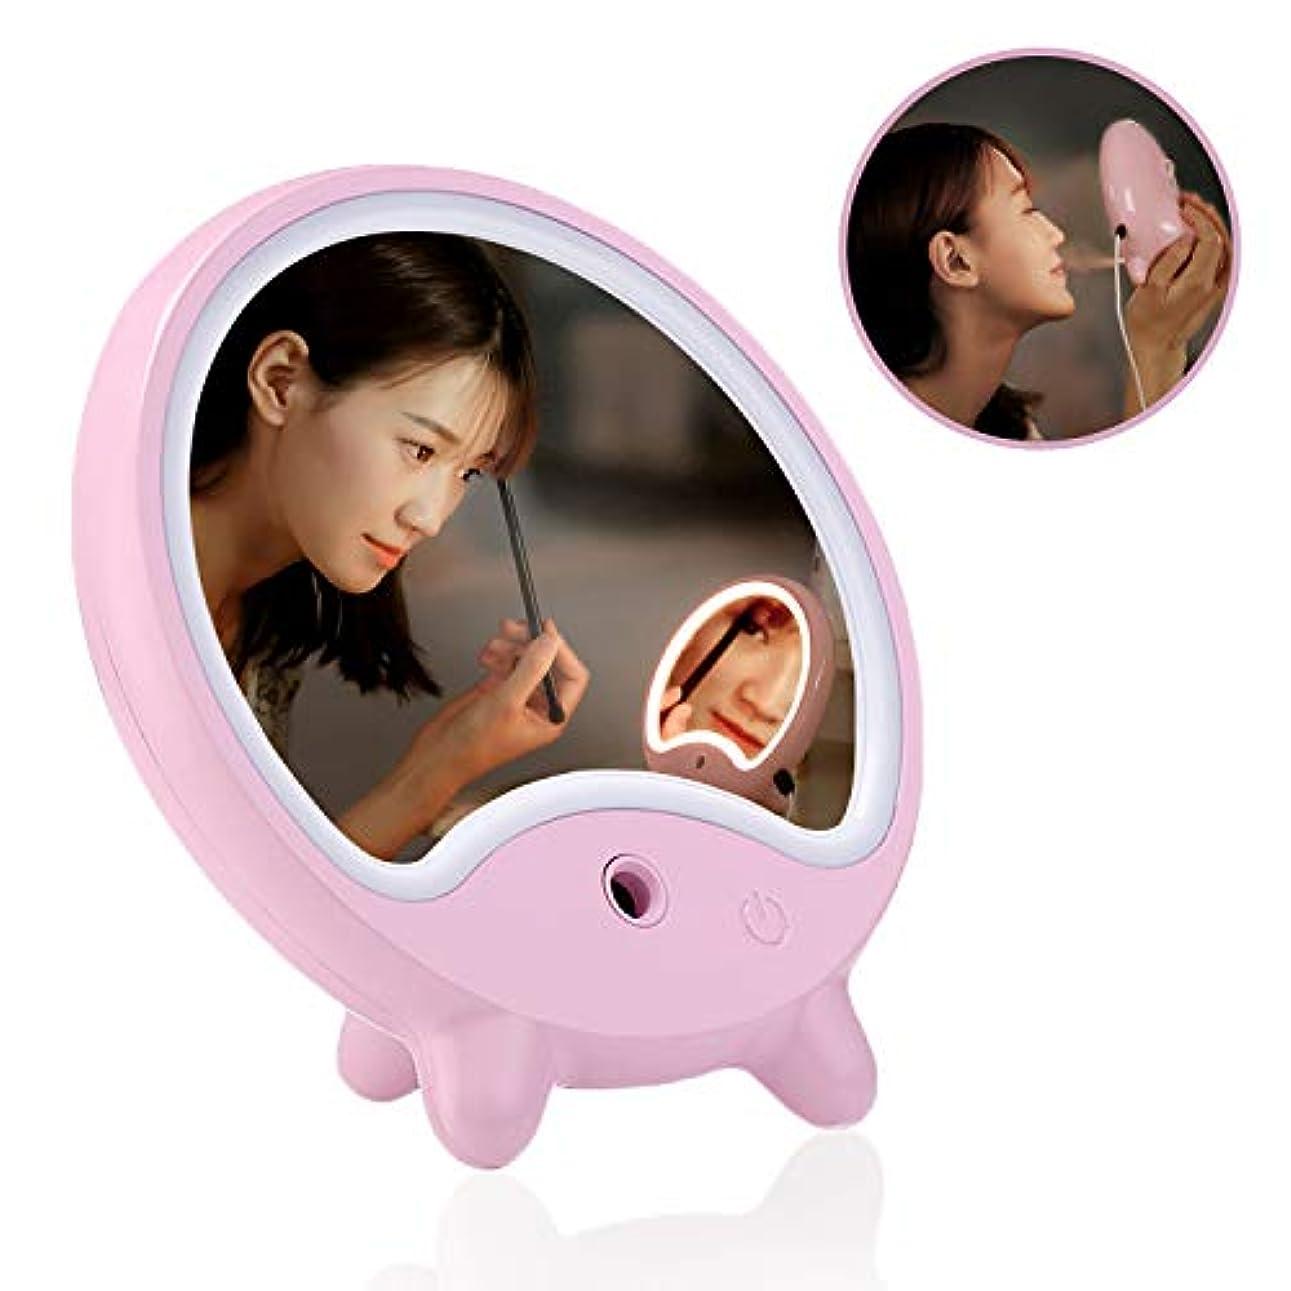 仲間、同僚象かすれたsewobye化粧鏡 卓上ミラー 鏡 補水保湿鏡スタンド式ミラーLED USB充電にナノスプレーが付いているので、お肌に潤いを与えることができます (ピンク)